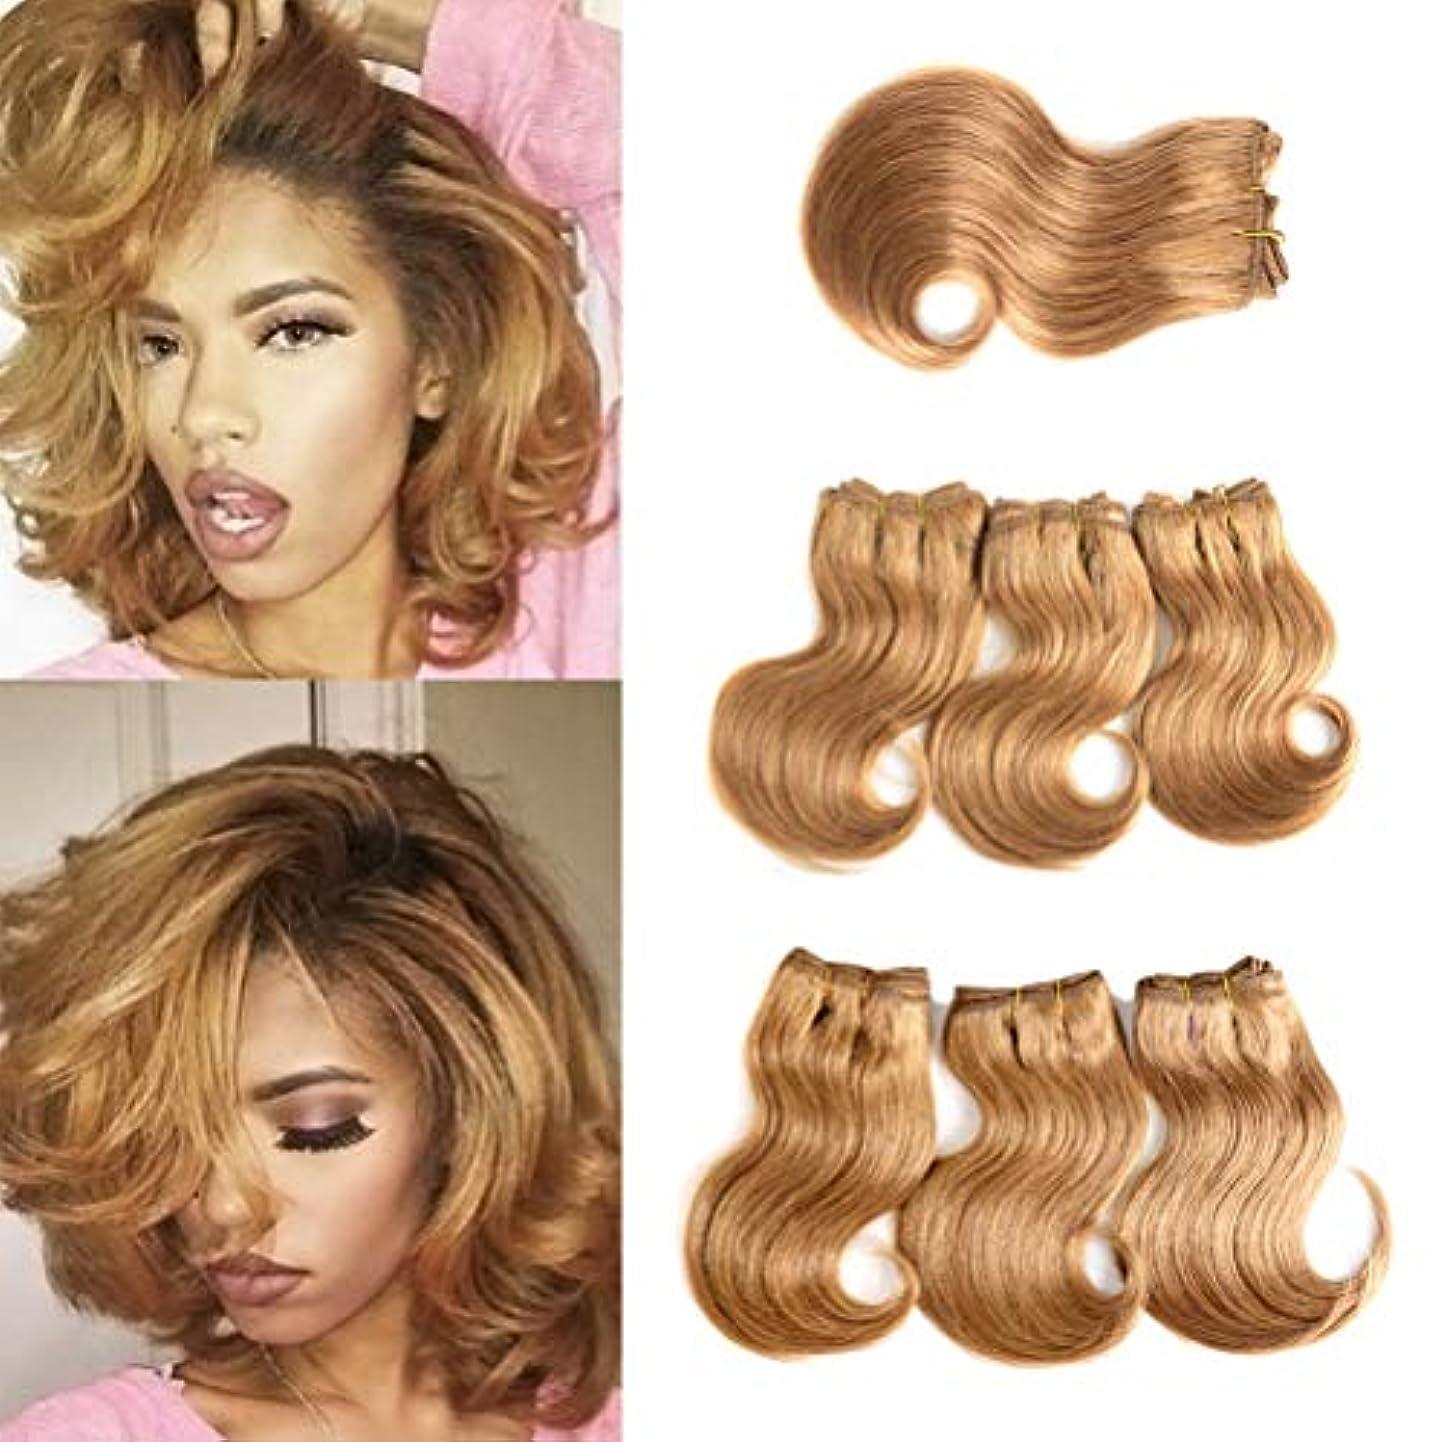 学ぶ不完全な押し下げる閉鎖とペルーの髪の束を編む女性の髪の毛の束人間の髪の毛の拡張子で縫うRemi人間の髪の毛8インチゴールド